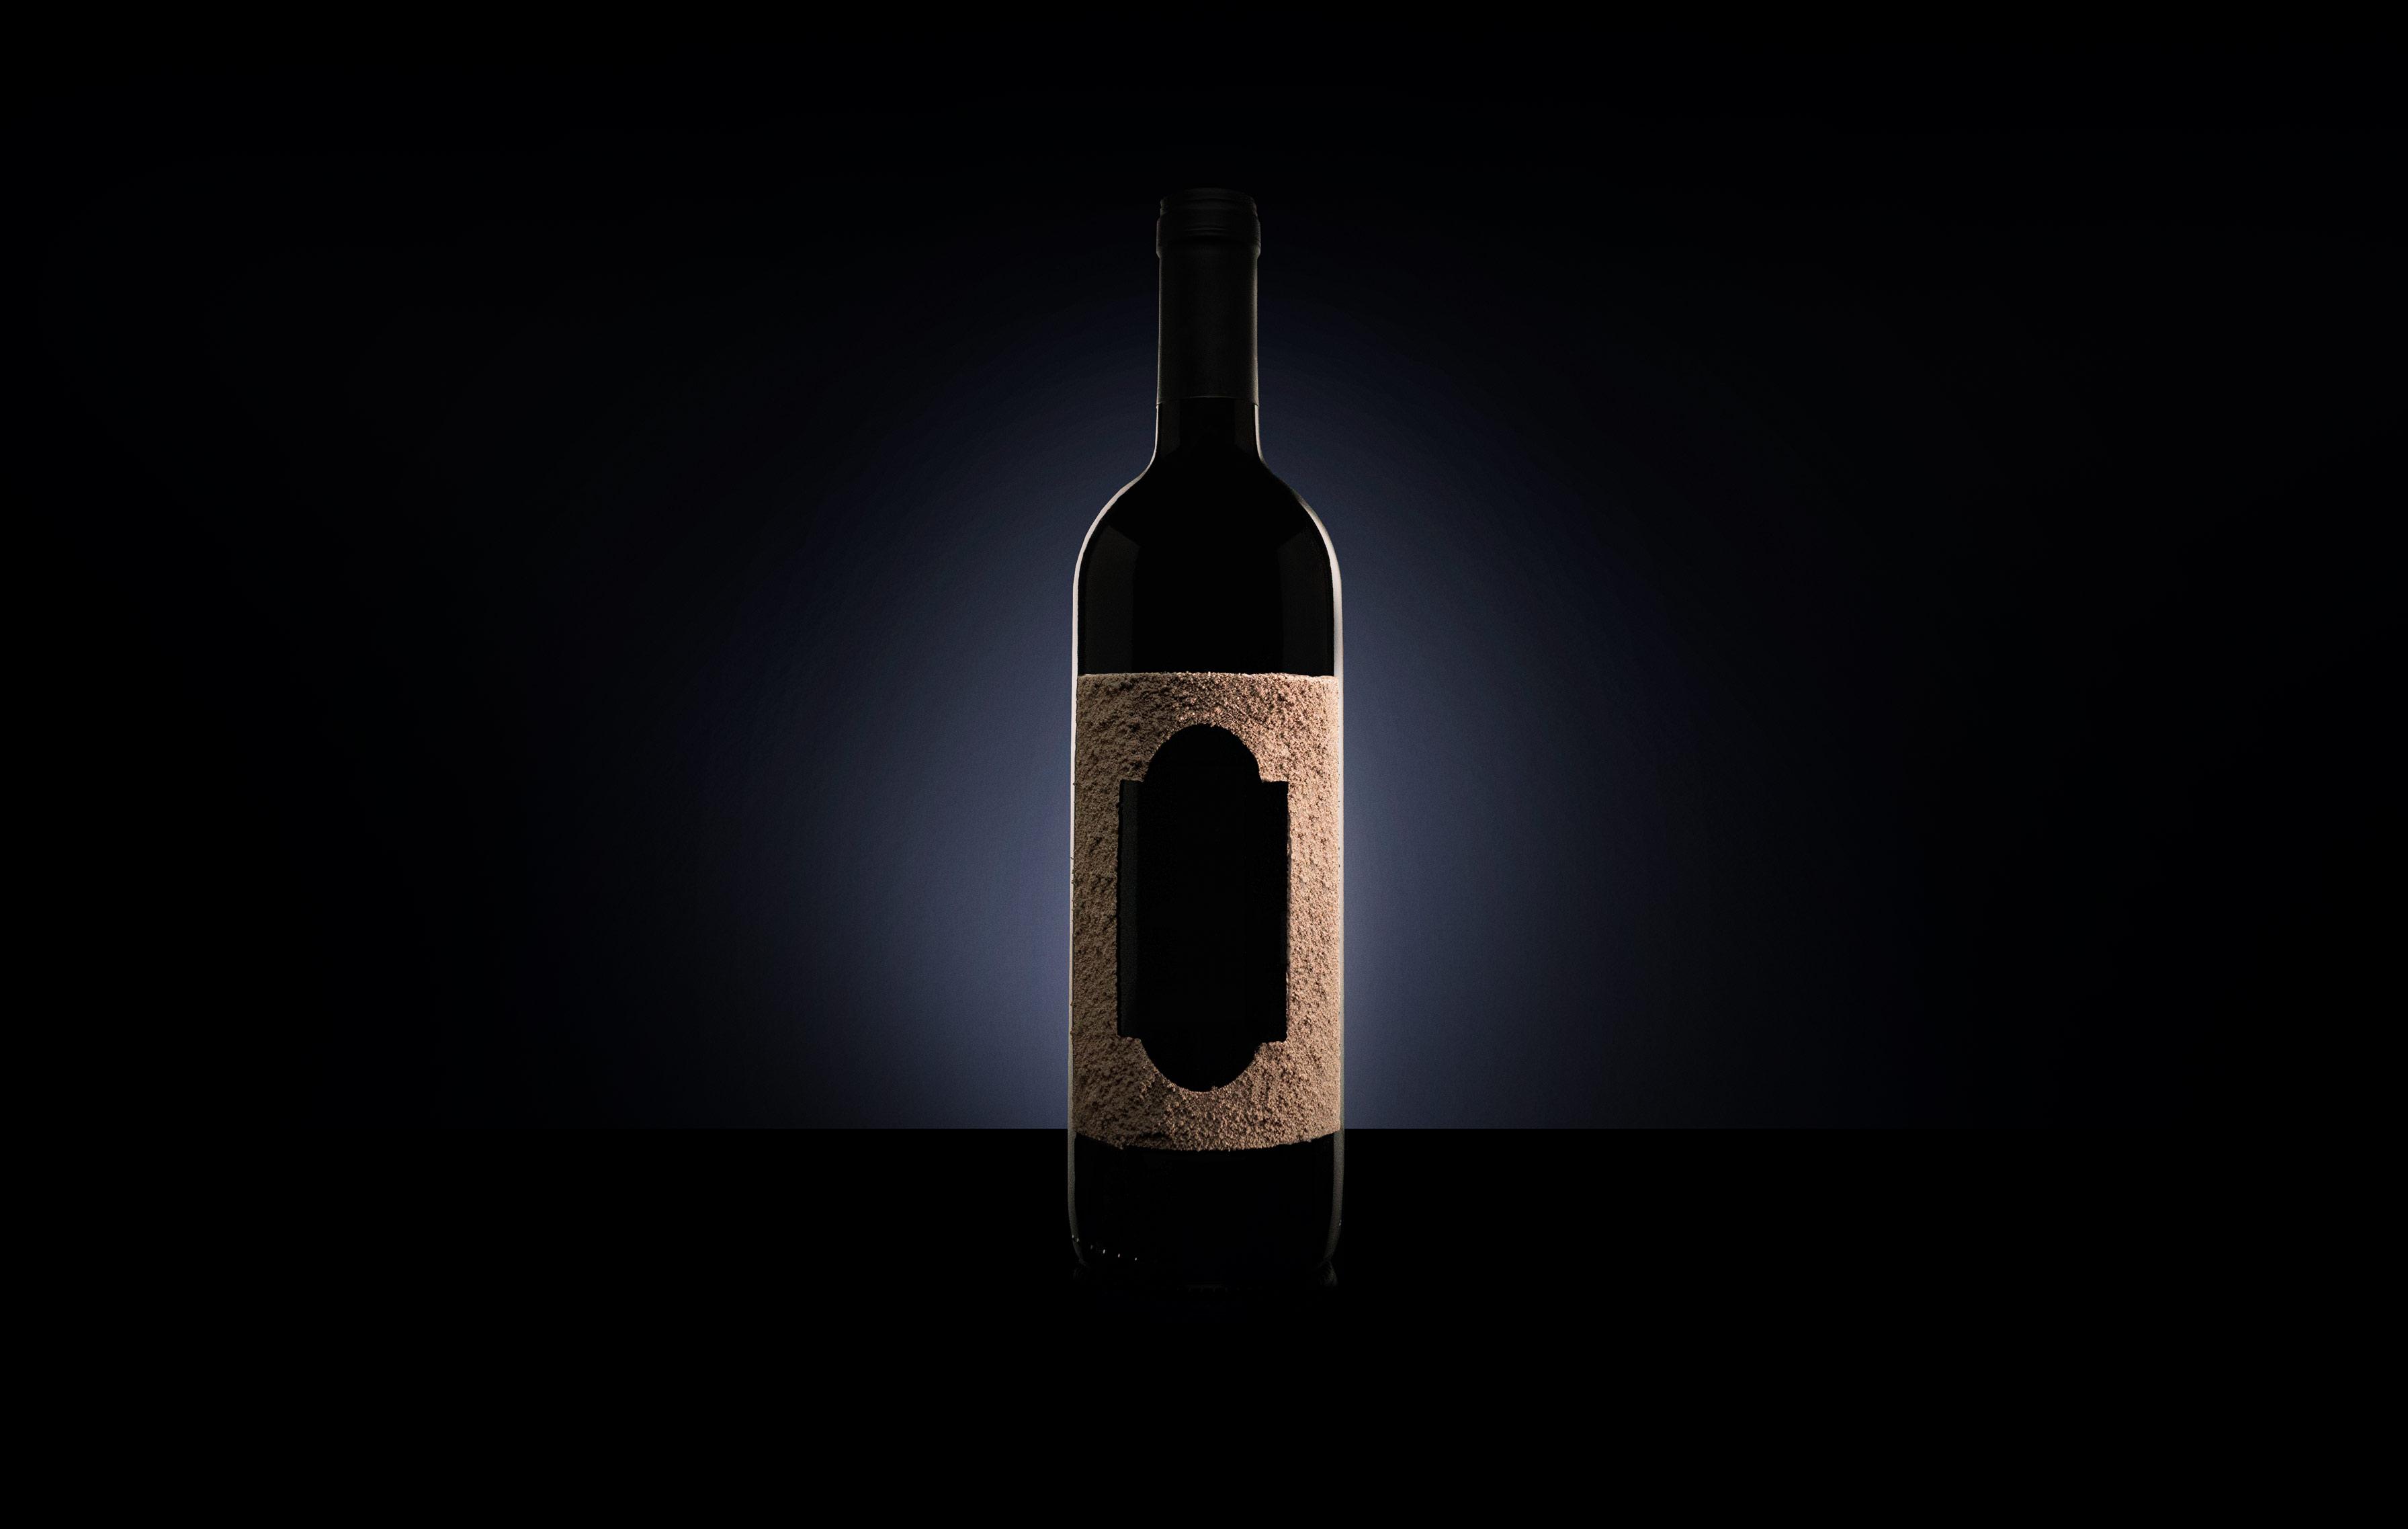 Wine Bottle - Wine Bottle 3